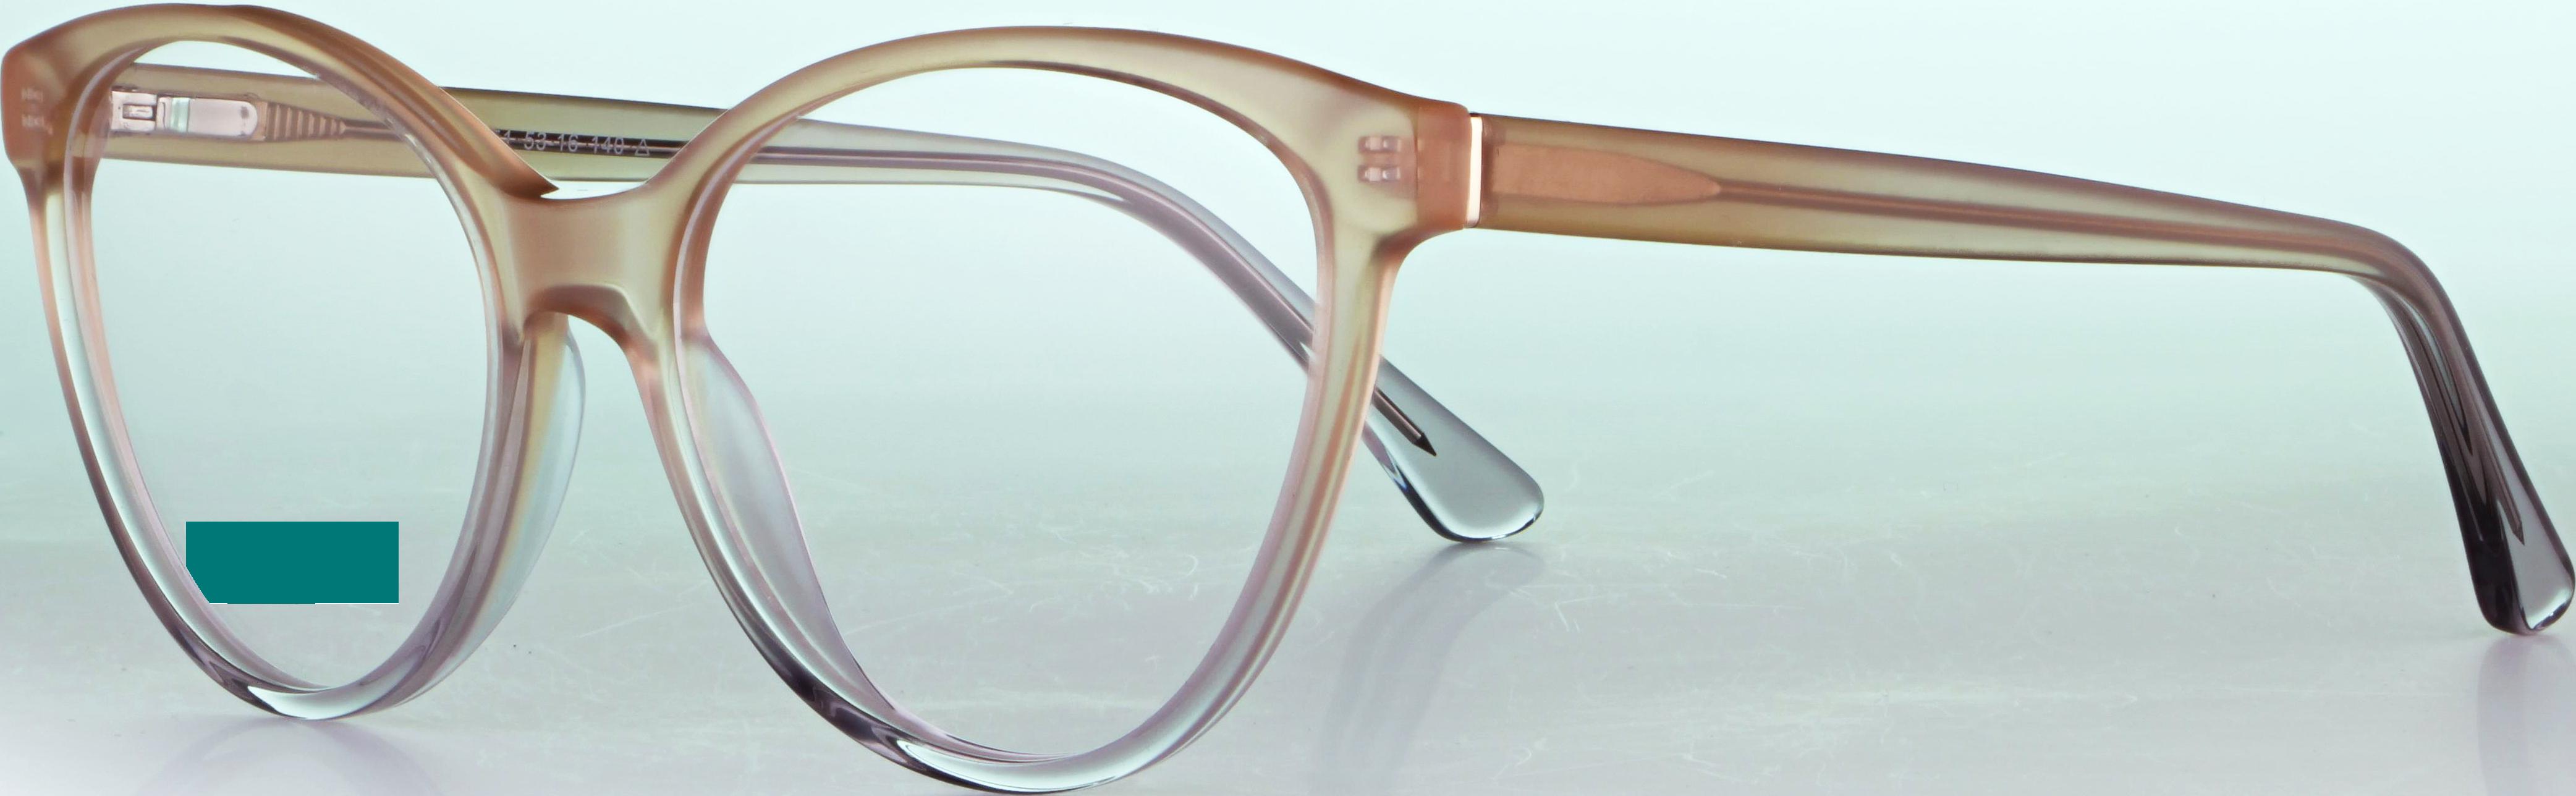 abele optik Brille 142551